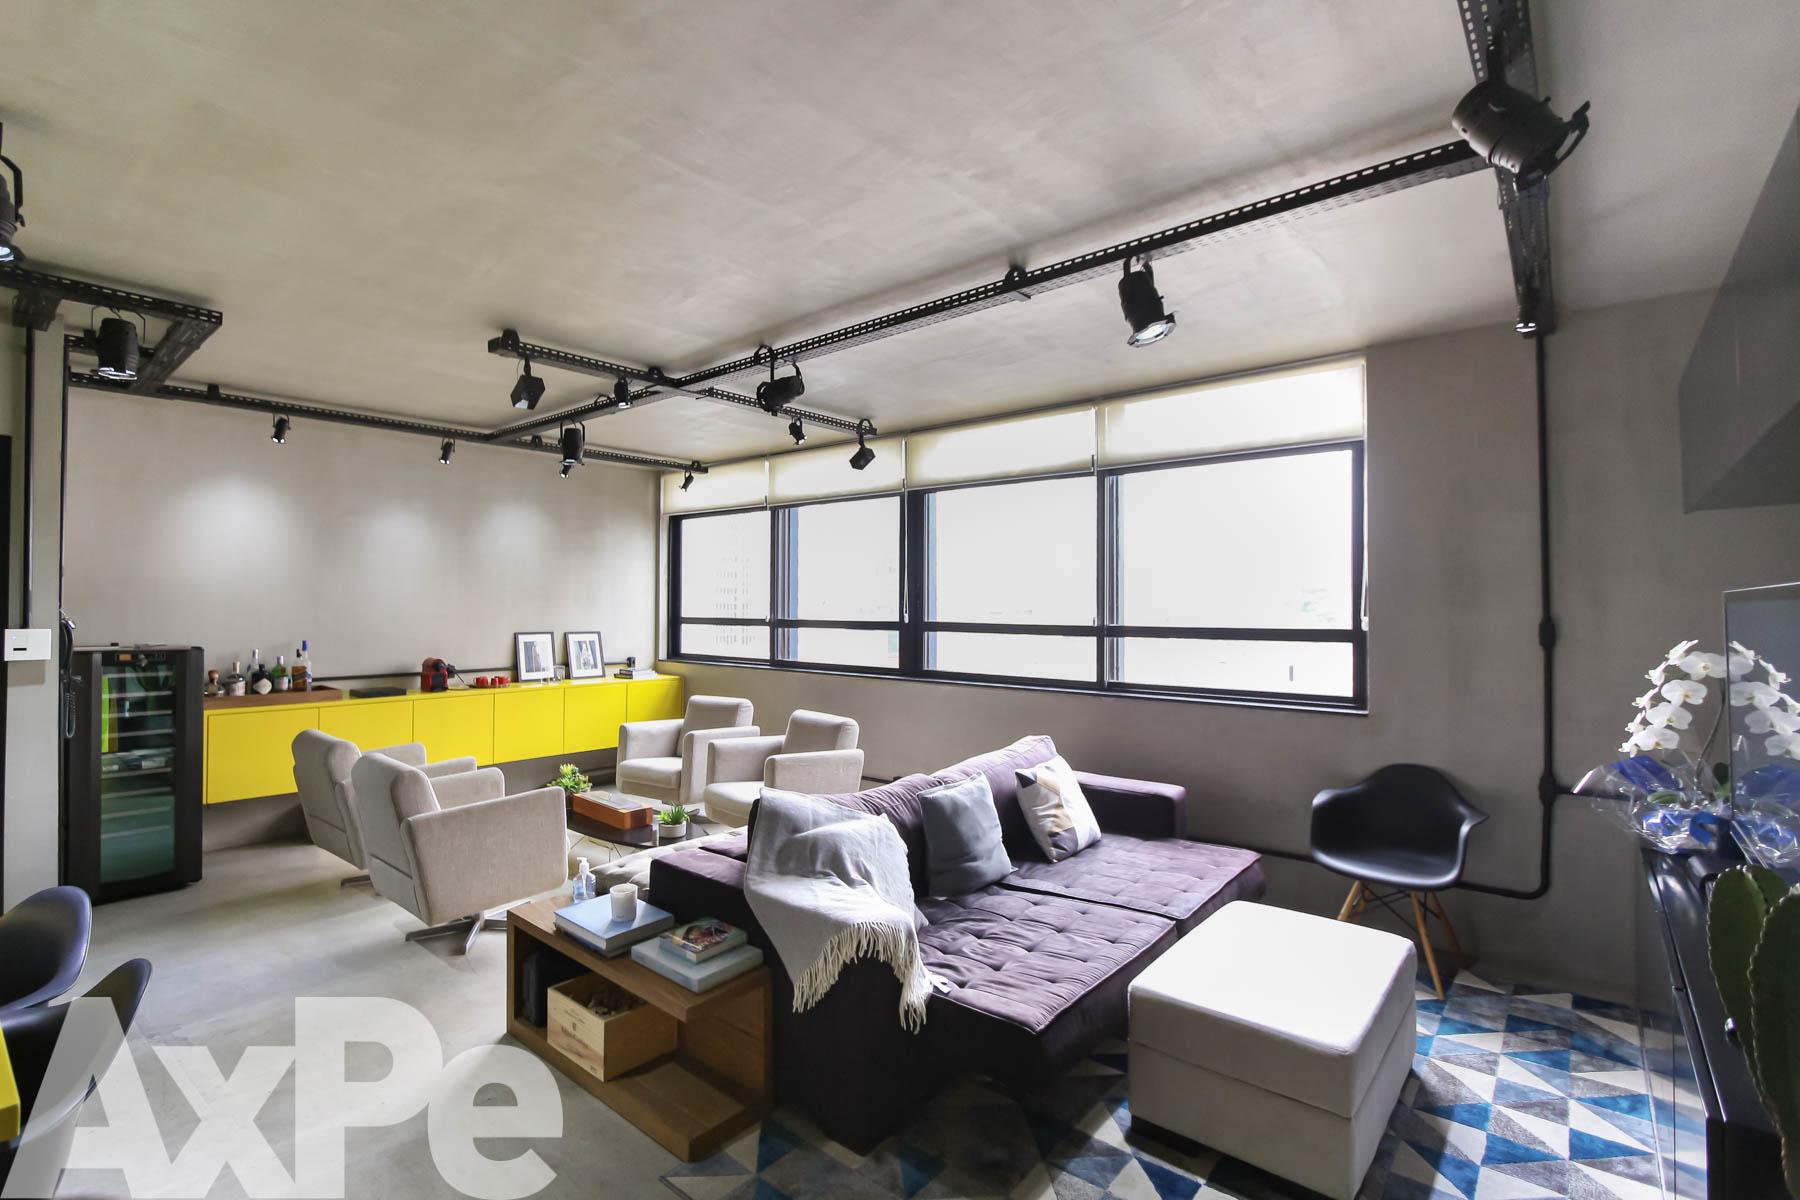 Axpe Apartamento - AX130870